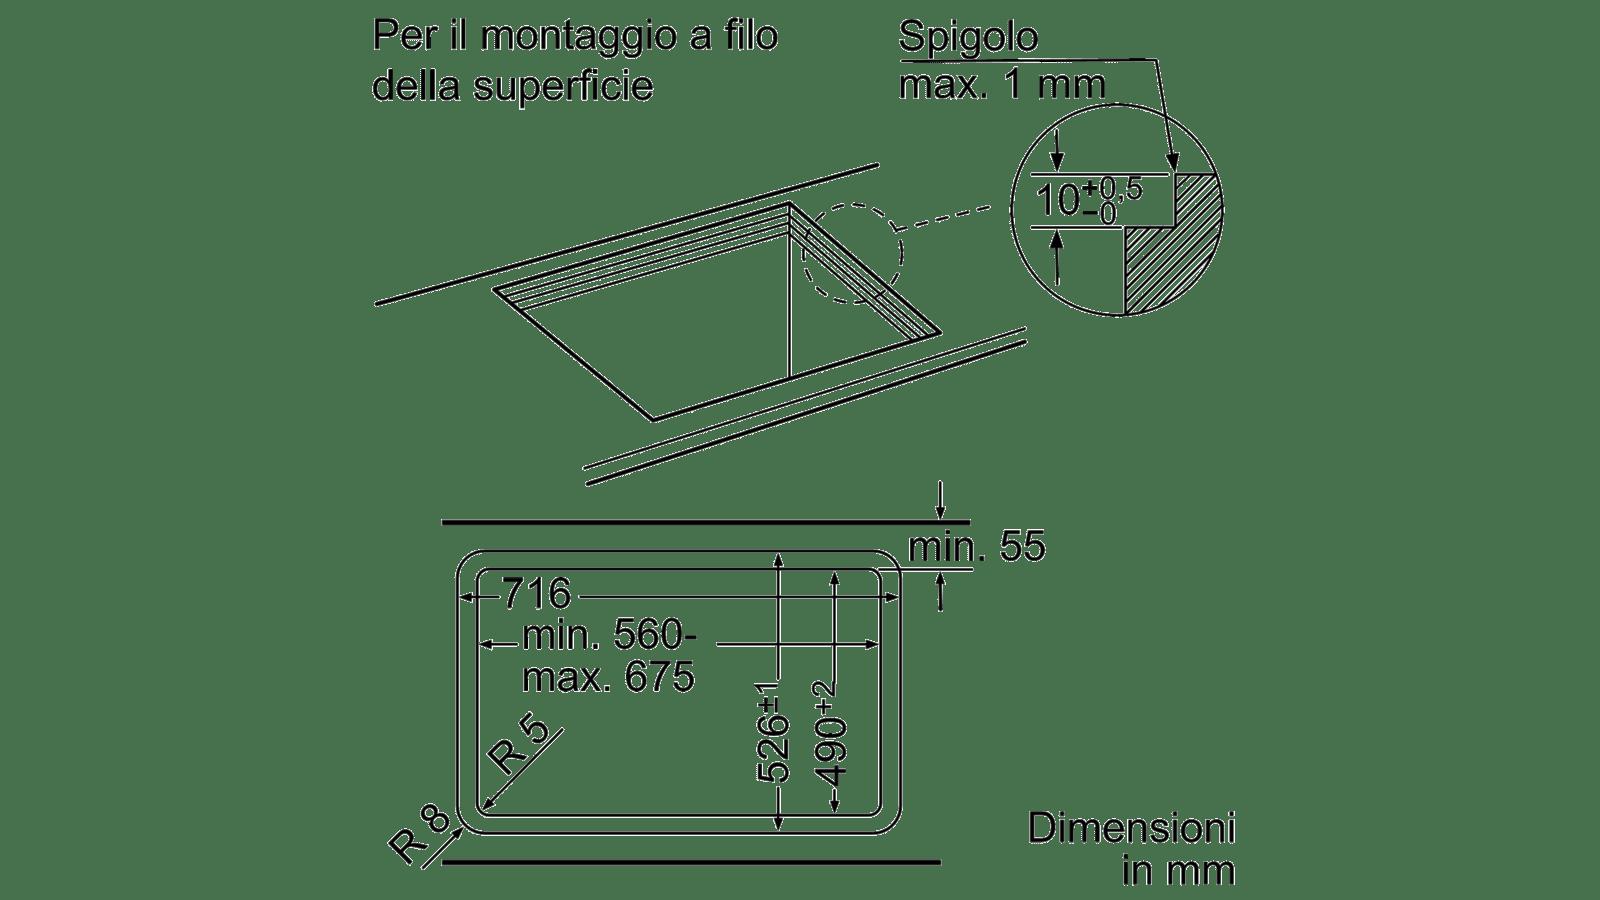 Neff dbm60a ventole blocco predefinito d5655x1 ARGENTO METALLIZZATO larghezza 50cm EEK C